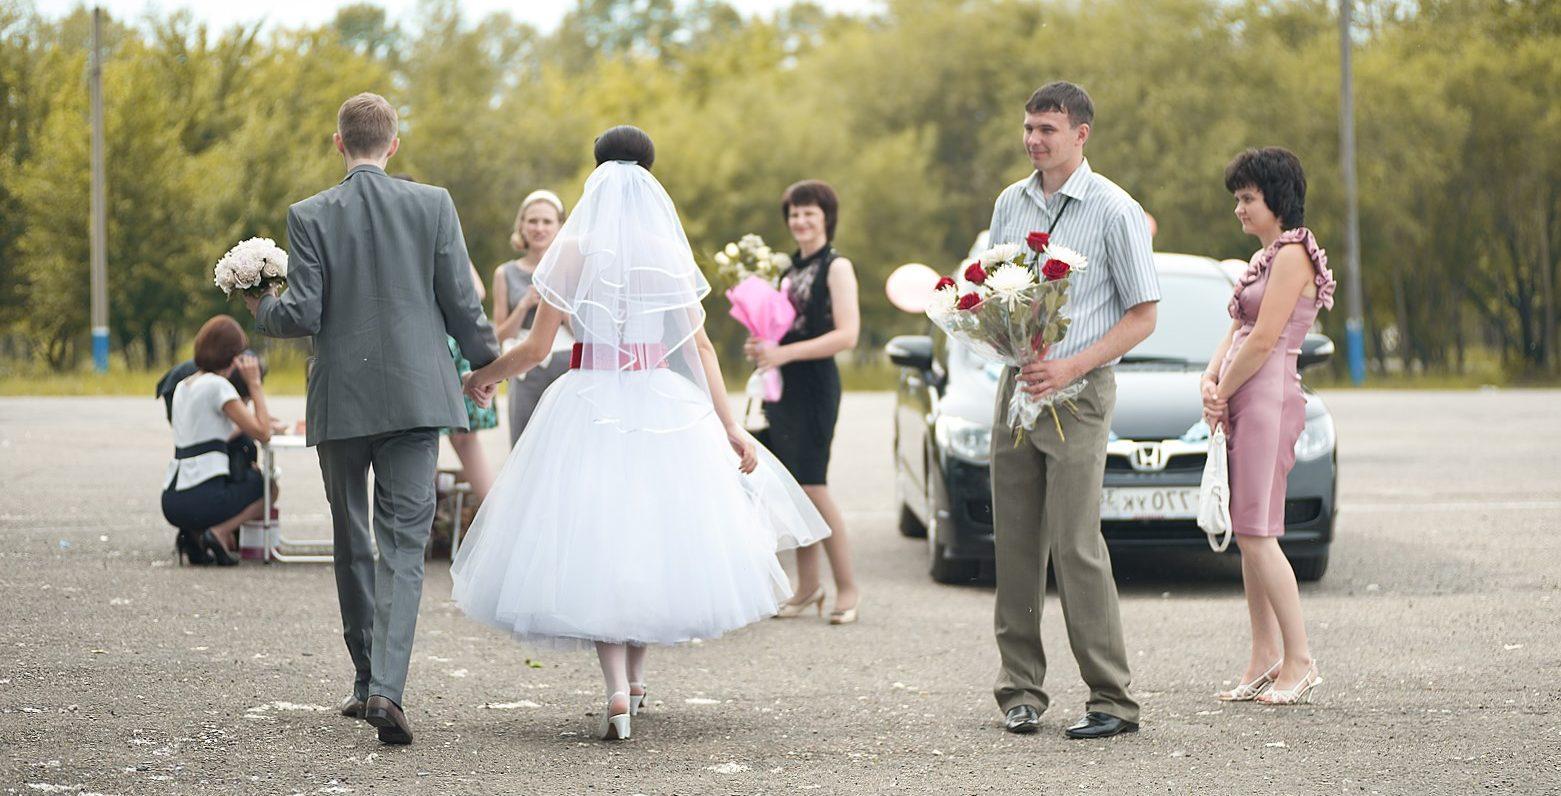 Свадьба на открытом воздухе